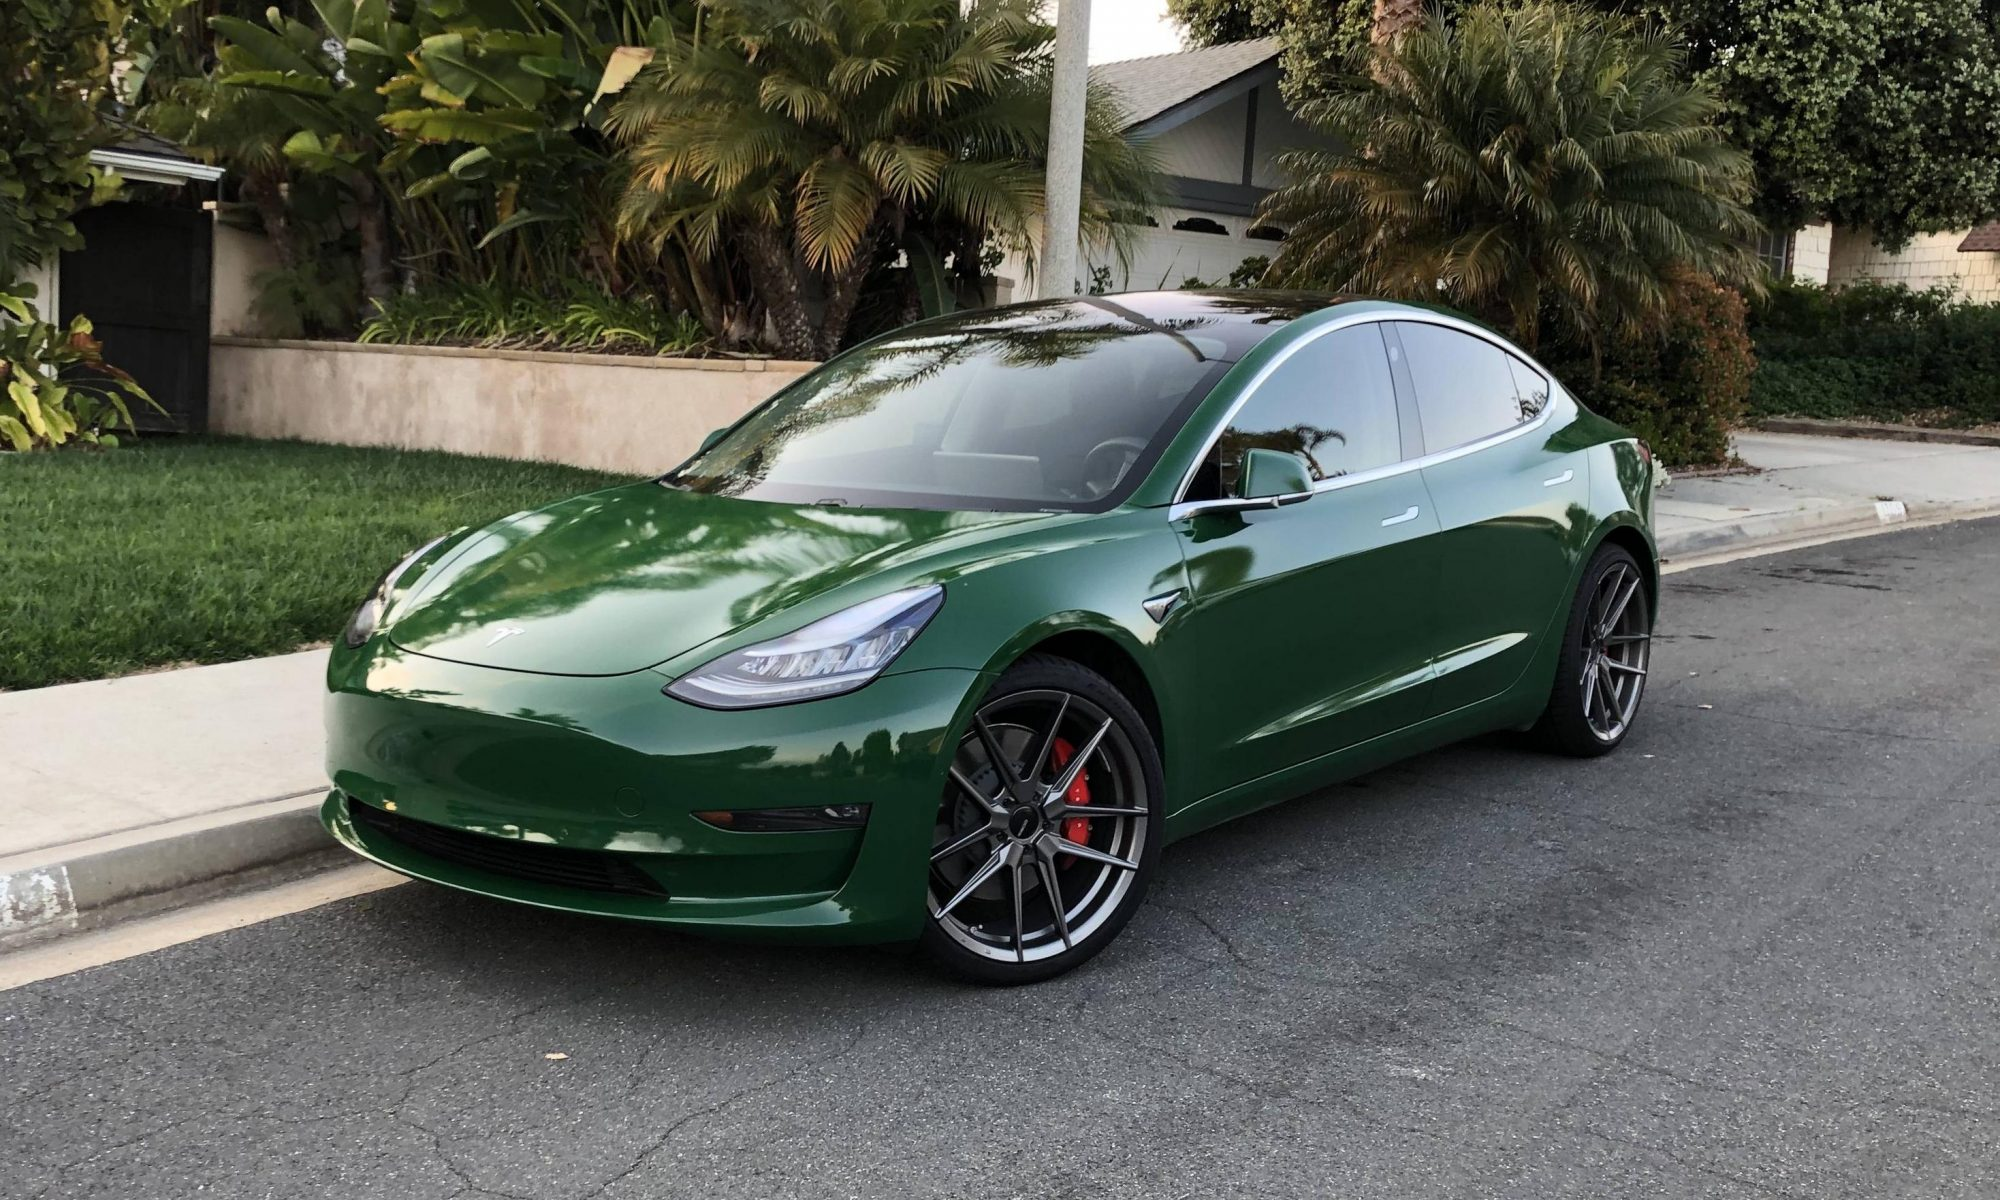 Extraterrestial Tesla Motors